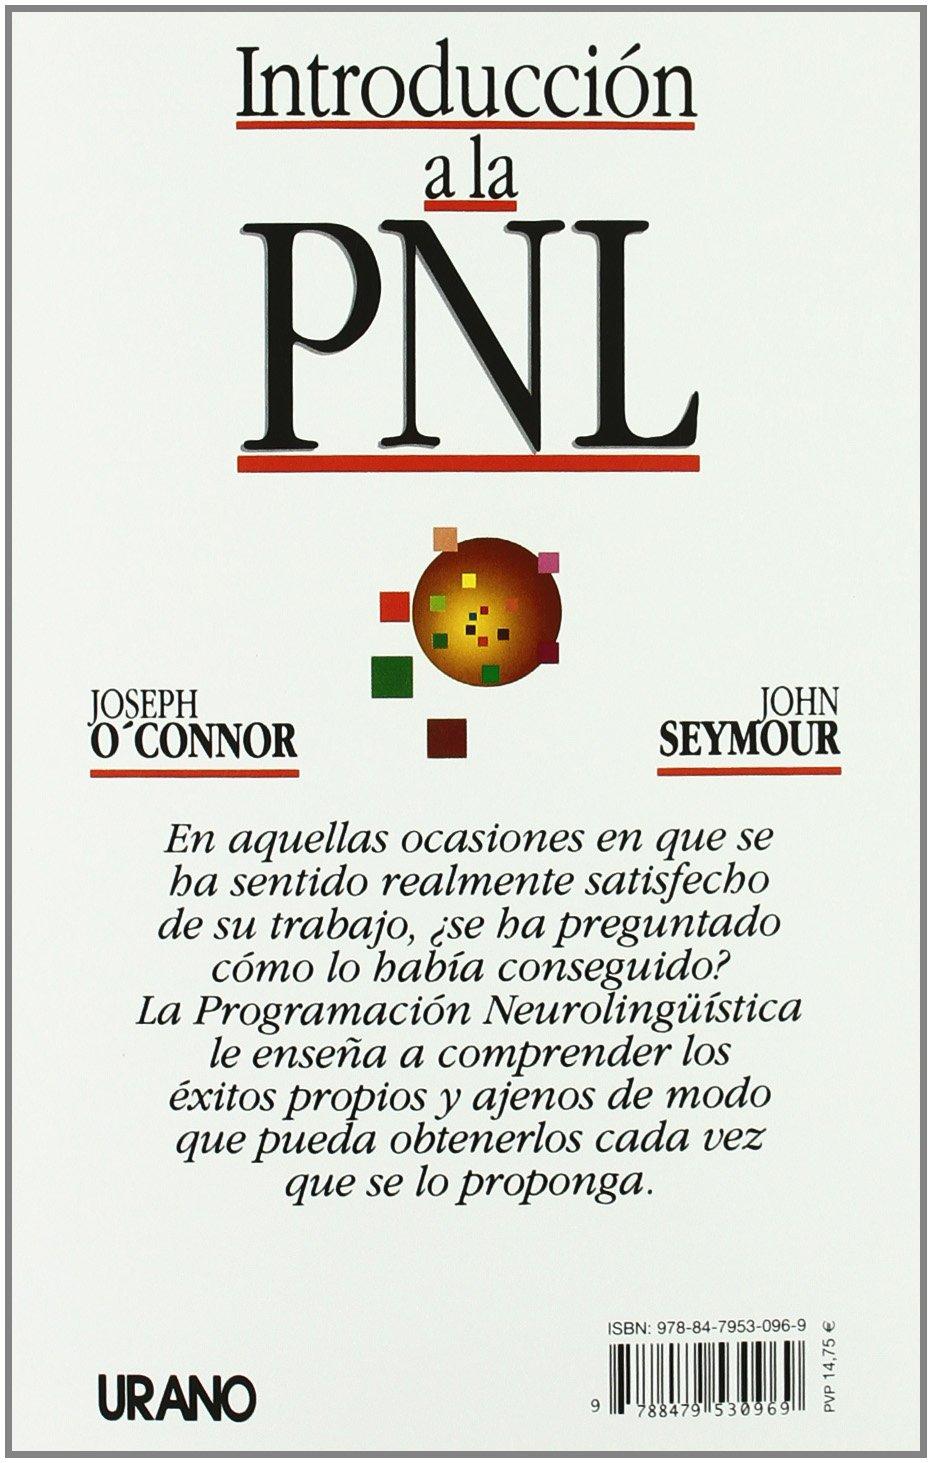 manual de programacao neurolinguistica joseph o connor pdf